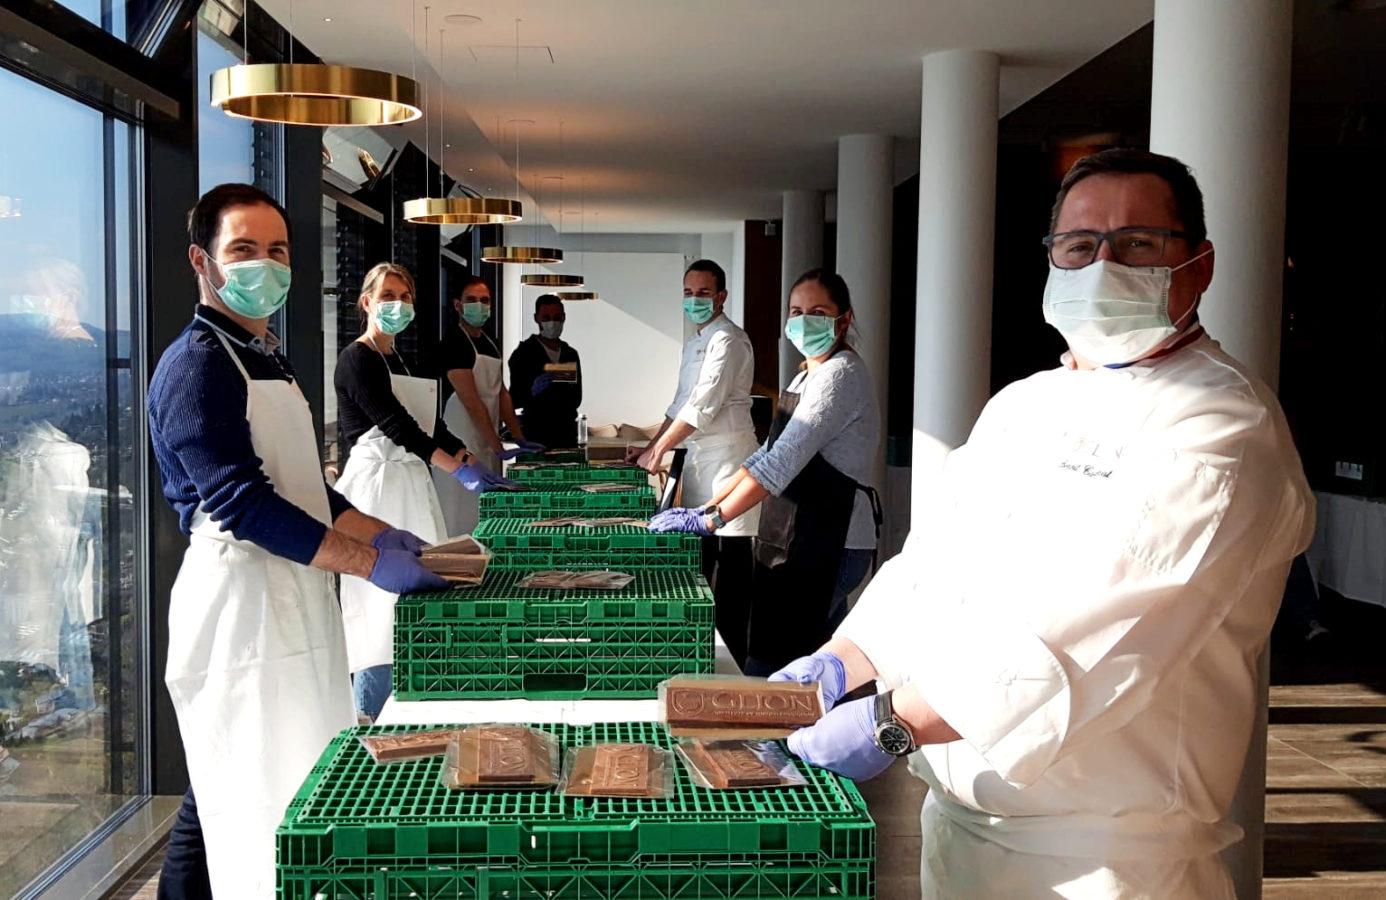 Les chefs de l'Ecole Hôtelière de Glion aux petits soins des établissements hospitaliers de la région